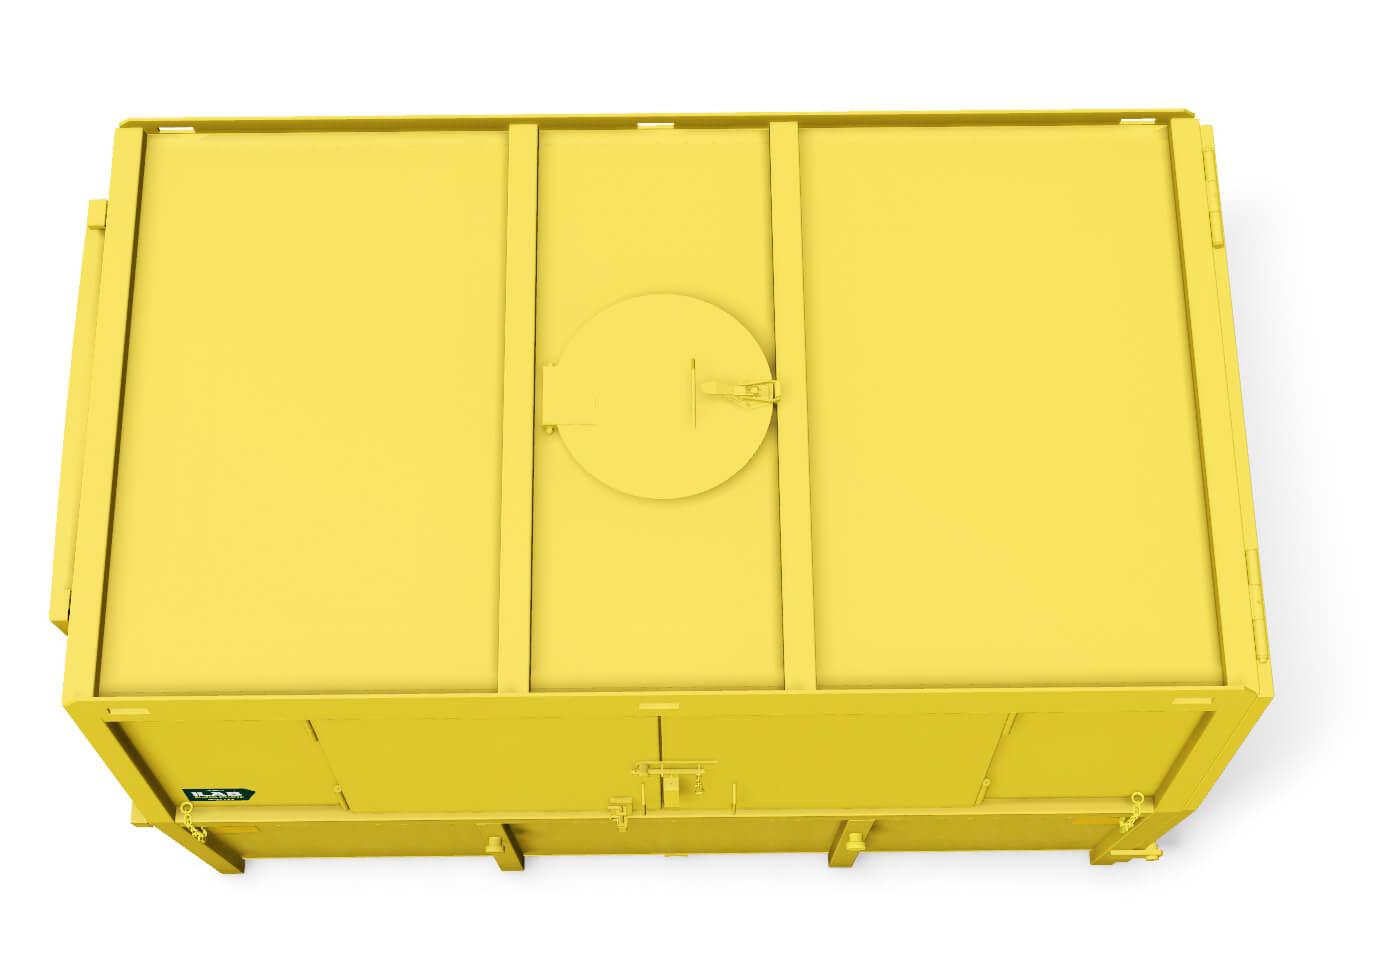 LB-THF 10 SD ovan